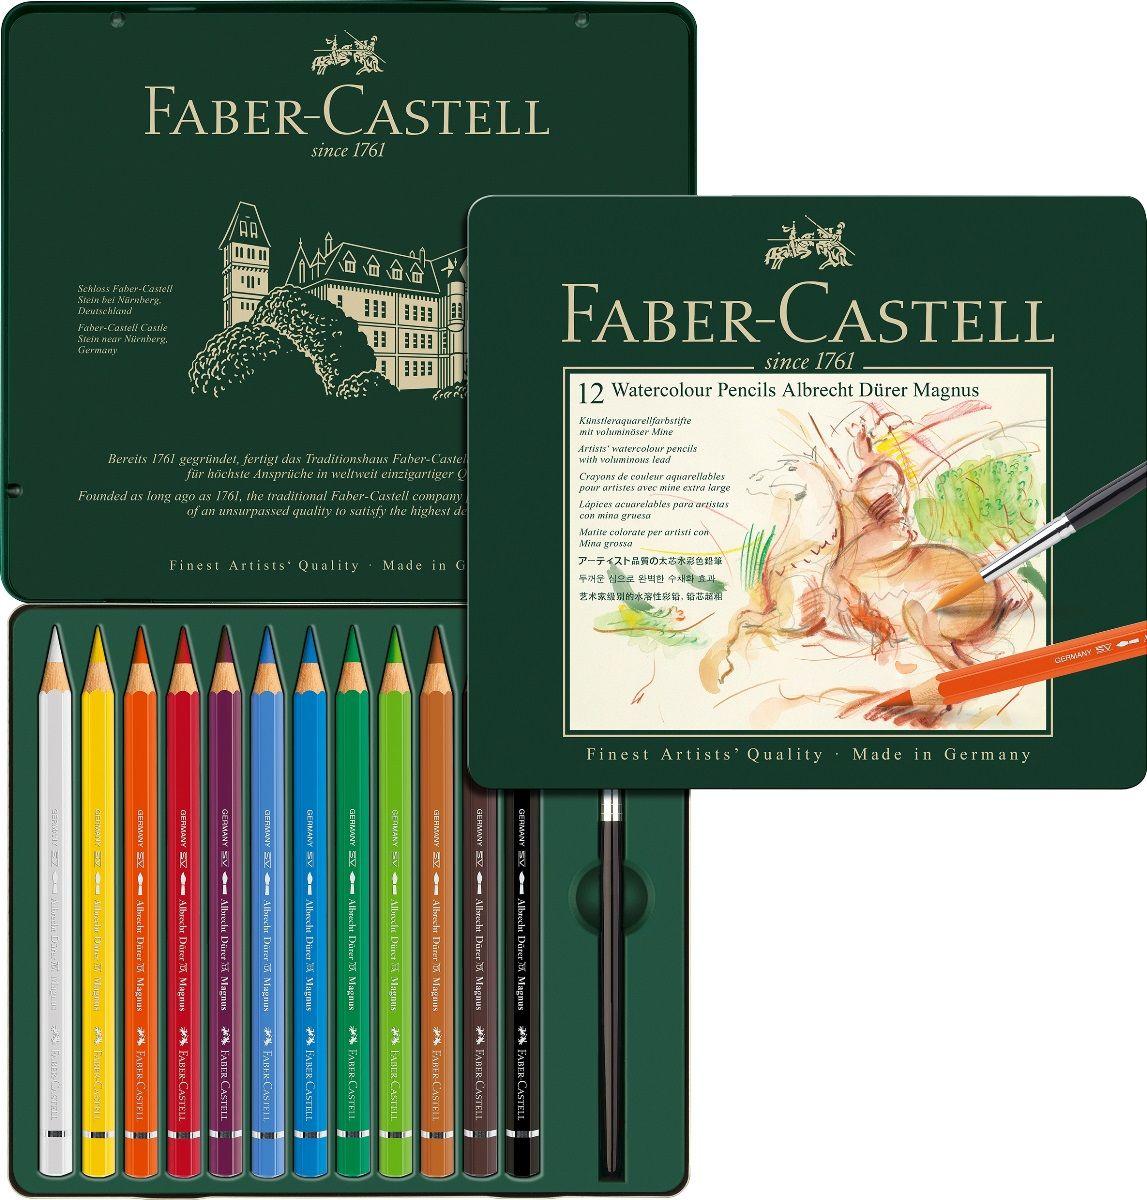 Faber-Castell Набор цветных акварельных карандашей Albrecht Durer 12 цветов116912Набор Faber-Castell Albrecht Durer - акварельные карандаши наивысшего качества эргономичной формы.В наборе 12 ярких, насыщенных цветов. Толстый грифель толщиной 3,8 мм (5,3 мм для версии Magnus). Высококачественные пигменты гарантируют устойчивость к выцветанию, выразительный цвет.